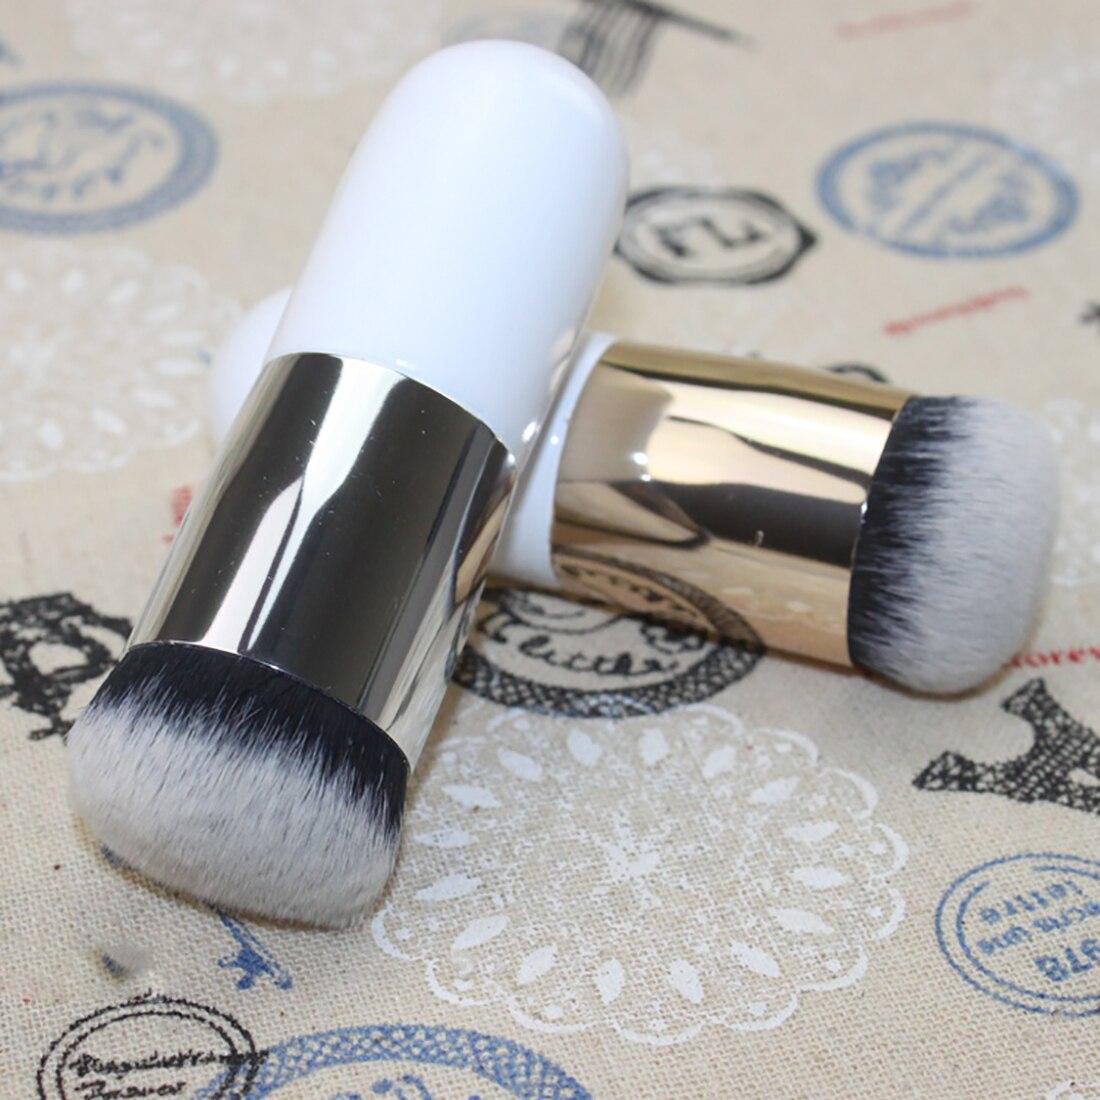 Пухлые Pier фундамент кисть плоская портативный BB крем кисти для макияжа Профессиональные Красота Инструменты Бесплатная доставка